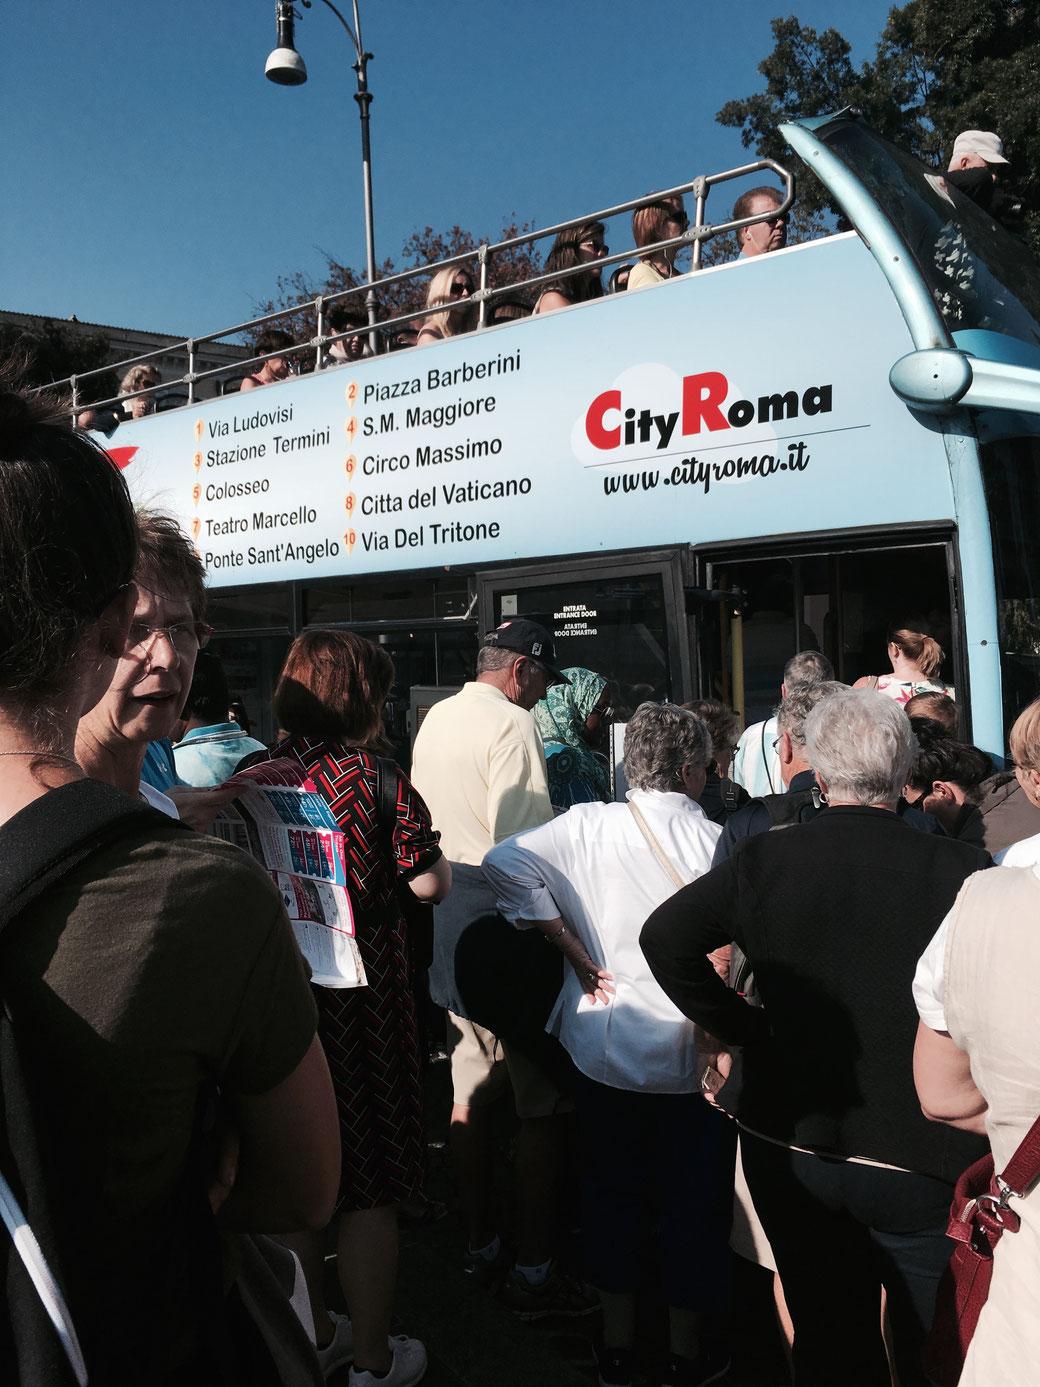 Der Fairness halber: Es staut sich auch an den Bussen anderer Anbieter - ganz unabhängig davon ob einer Busse defekt ist oder nicht.